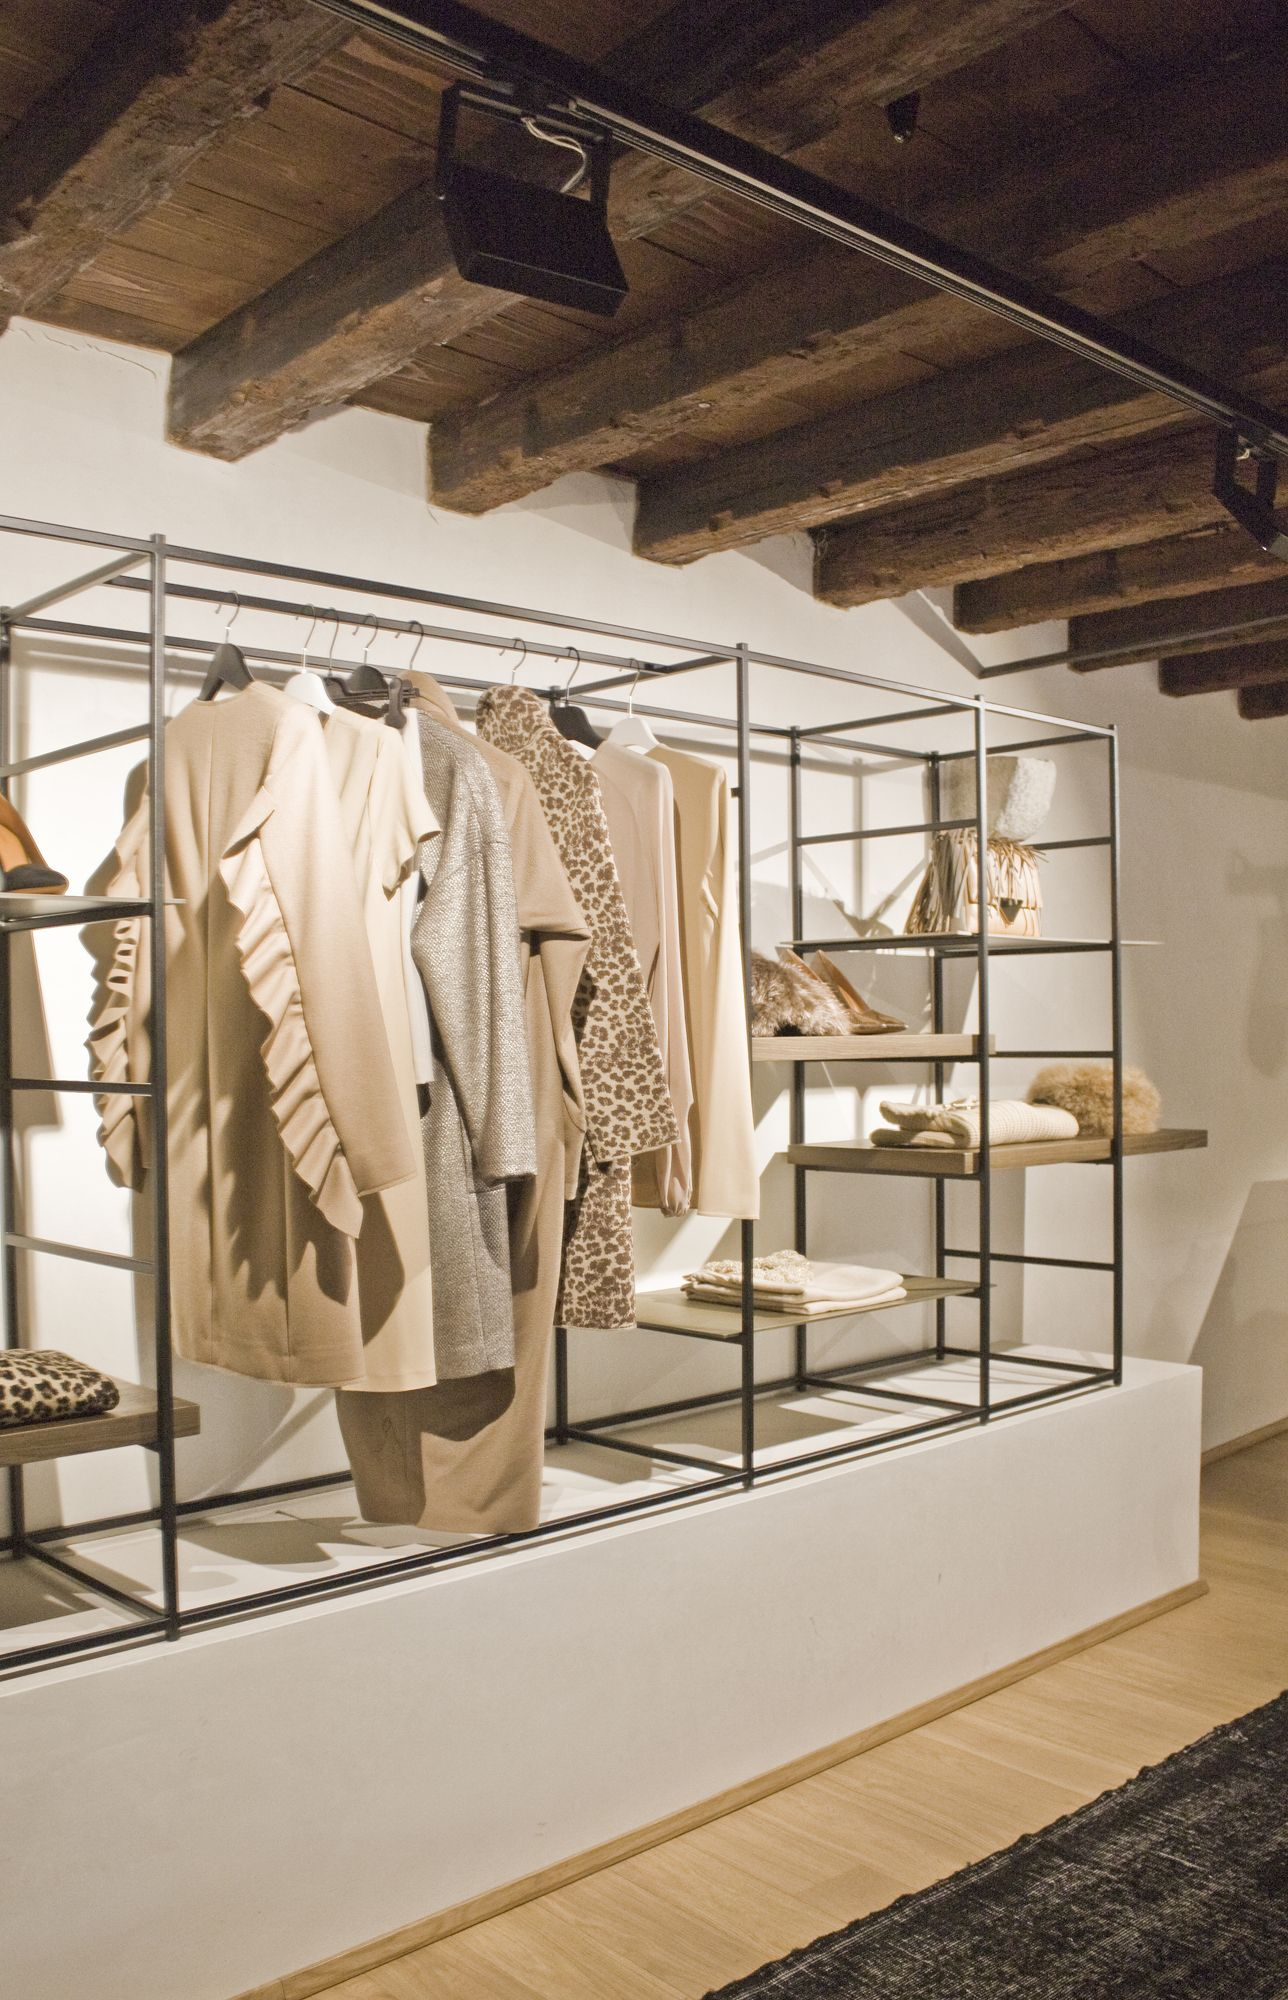 Negozio di abbigliamento illuminazione led negozio for Negozi design